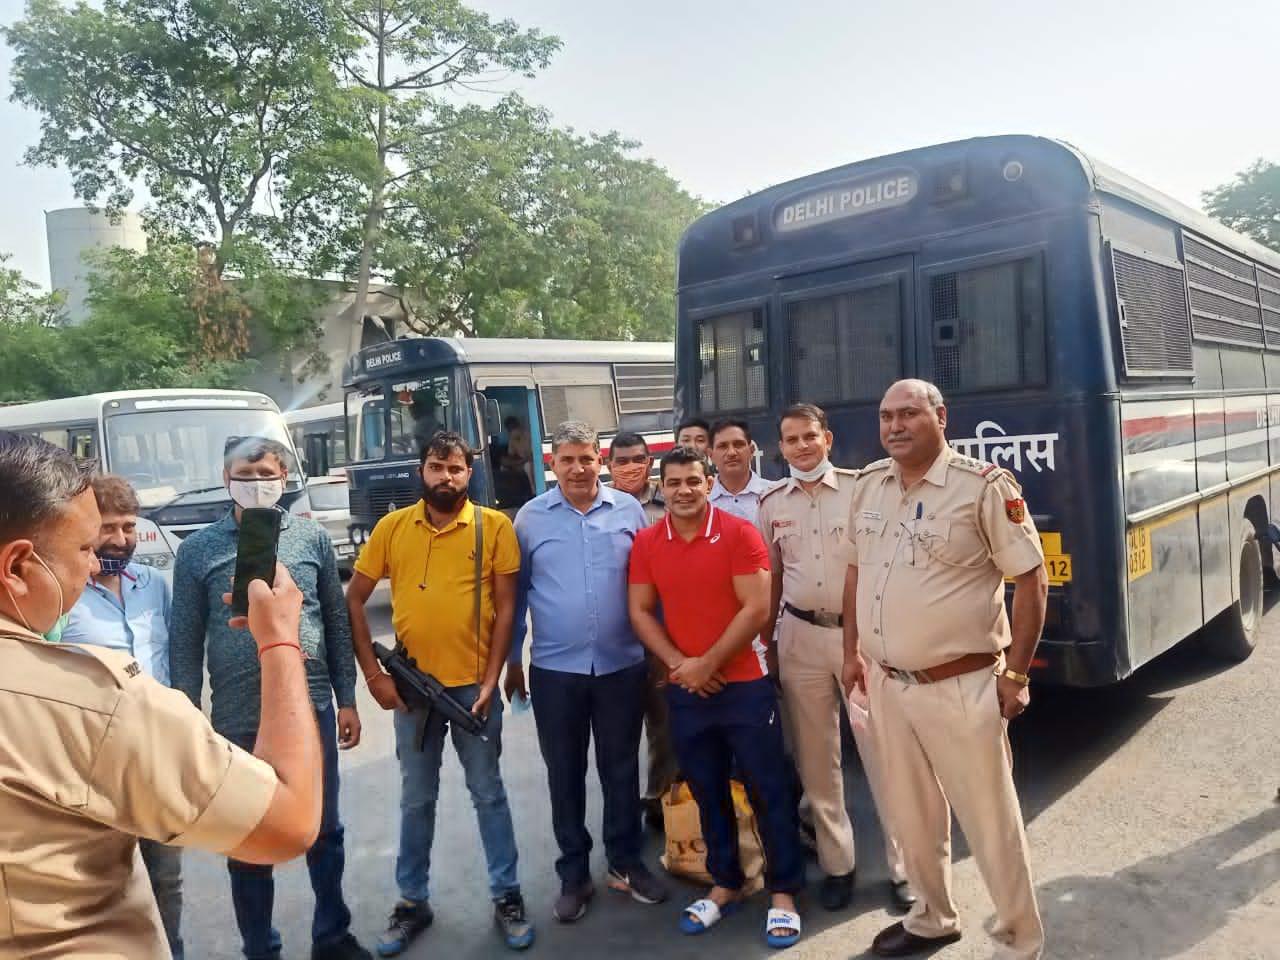 दिल्ली कोर्ट ने सुशील कुमार की न्यायिक हिरासत 9 जुलाई तक बढ़ा दी है।